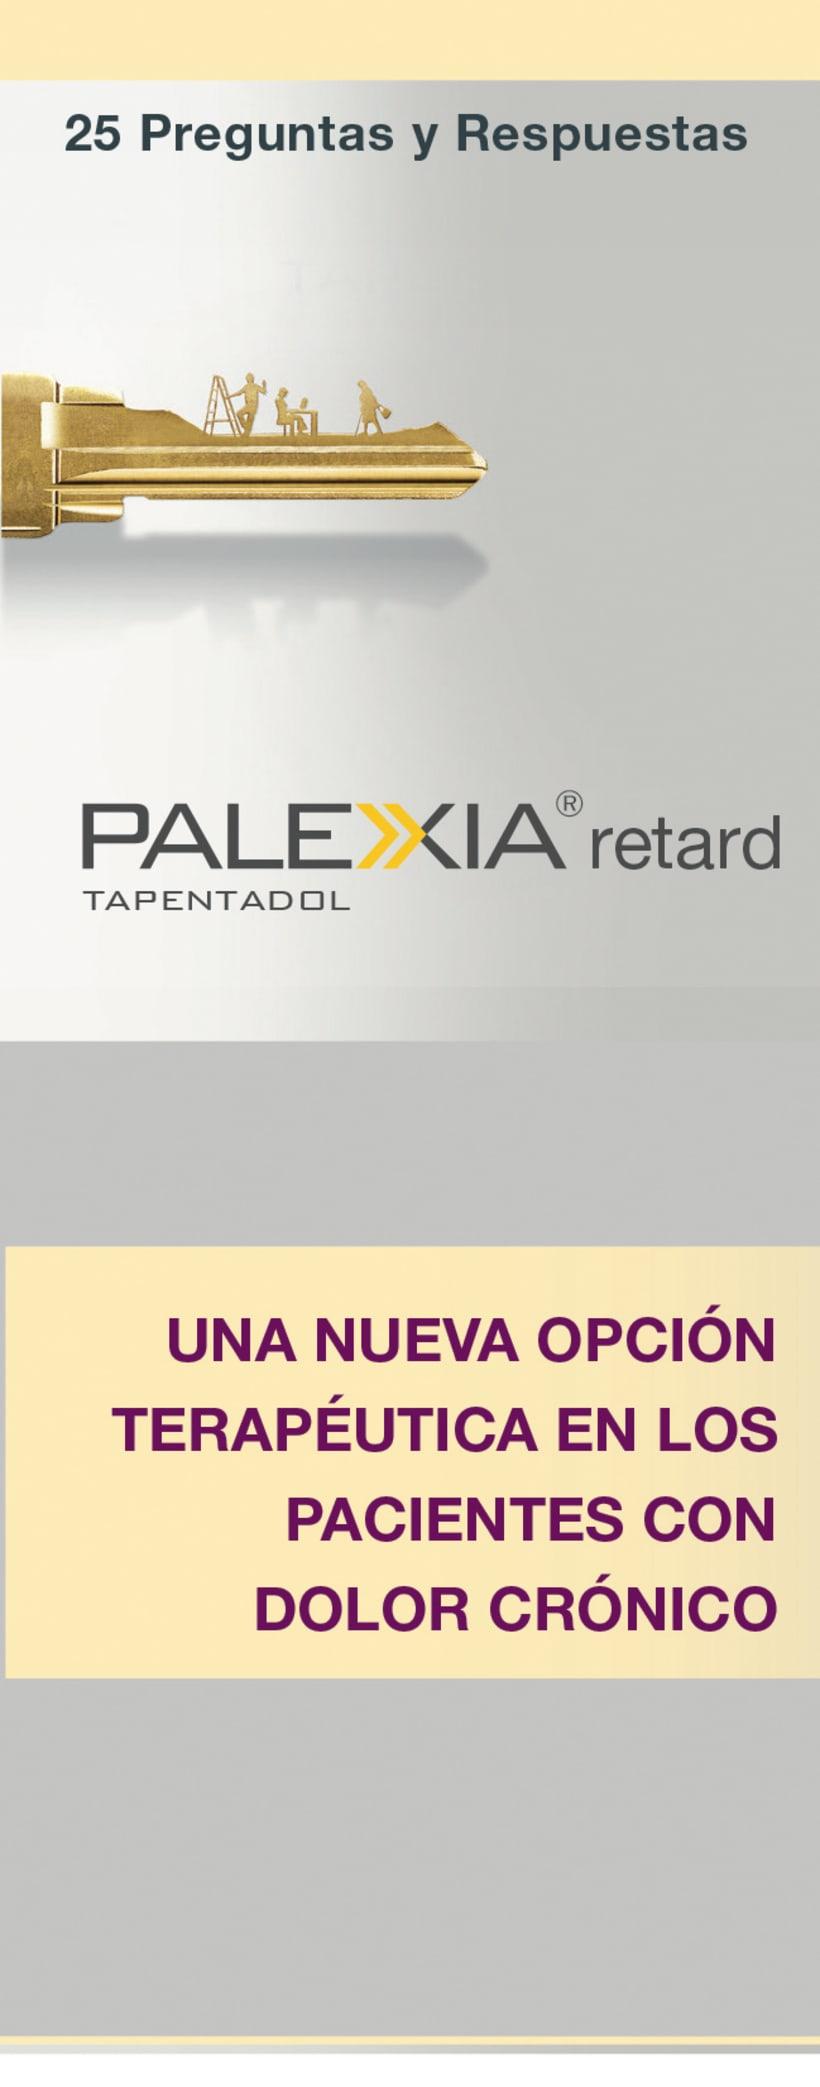 PALEXIA. Maquetación y diseño P/R. Tamaño: 11x28. 0